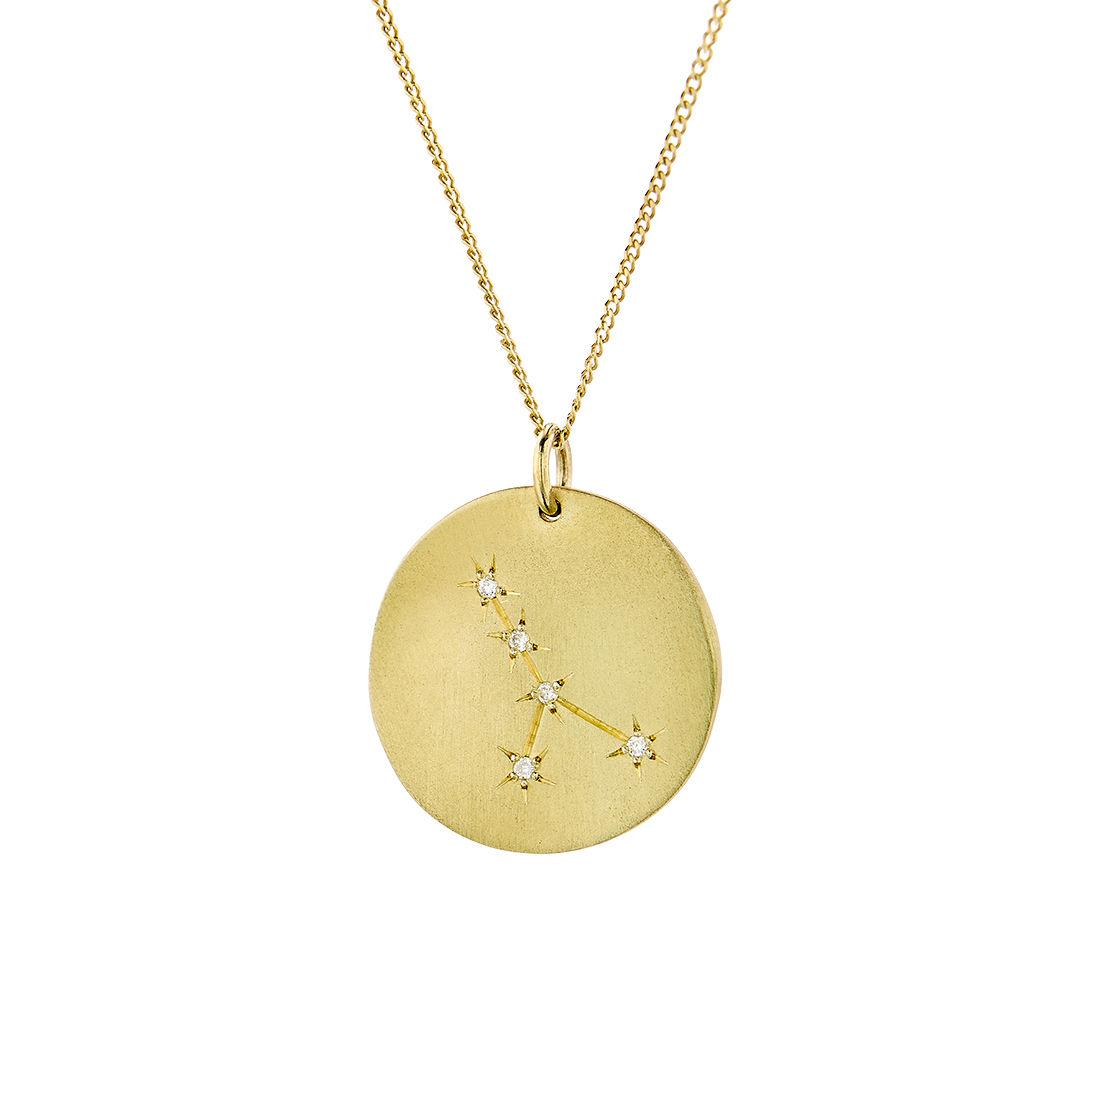 Μενταγιόν Constellation Καρκίνος από χρυσό 9Κ με διαμάντια μπριγιάν